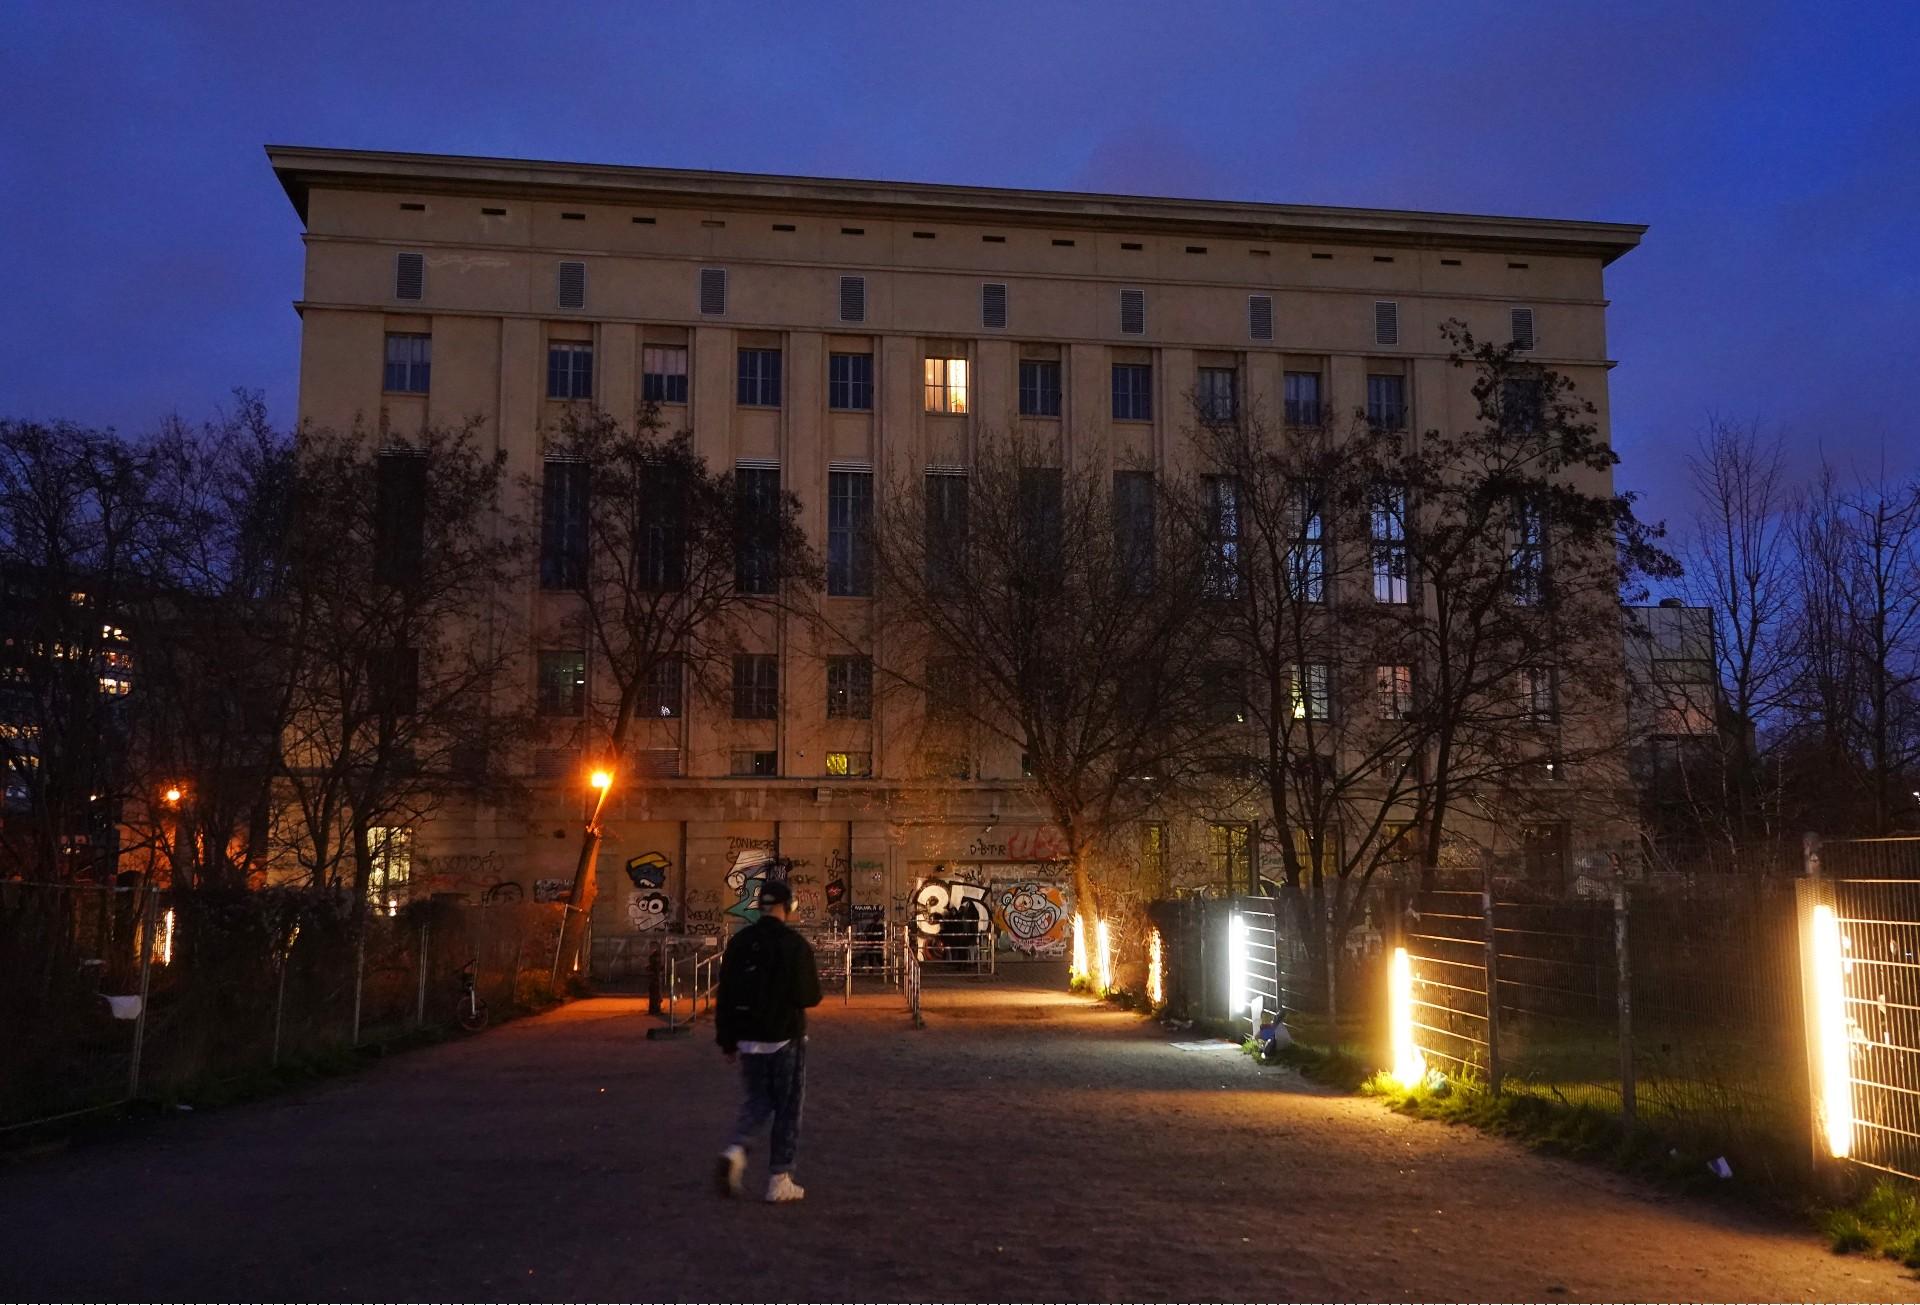 Niemiecki sąd orzekł, żetechno tomuzyka. Itoważna wiadomość dla wielu twórców